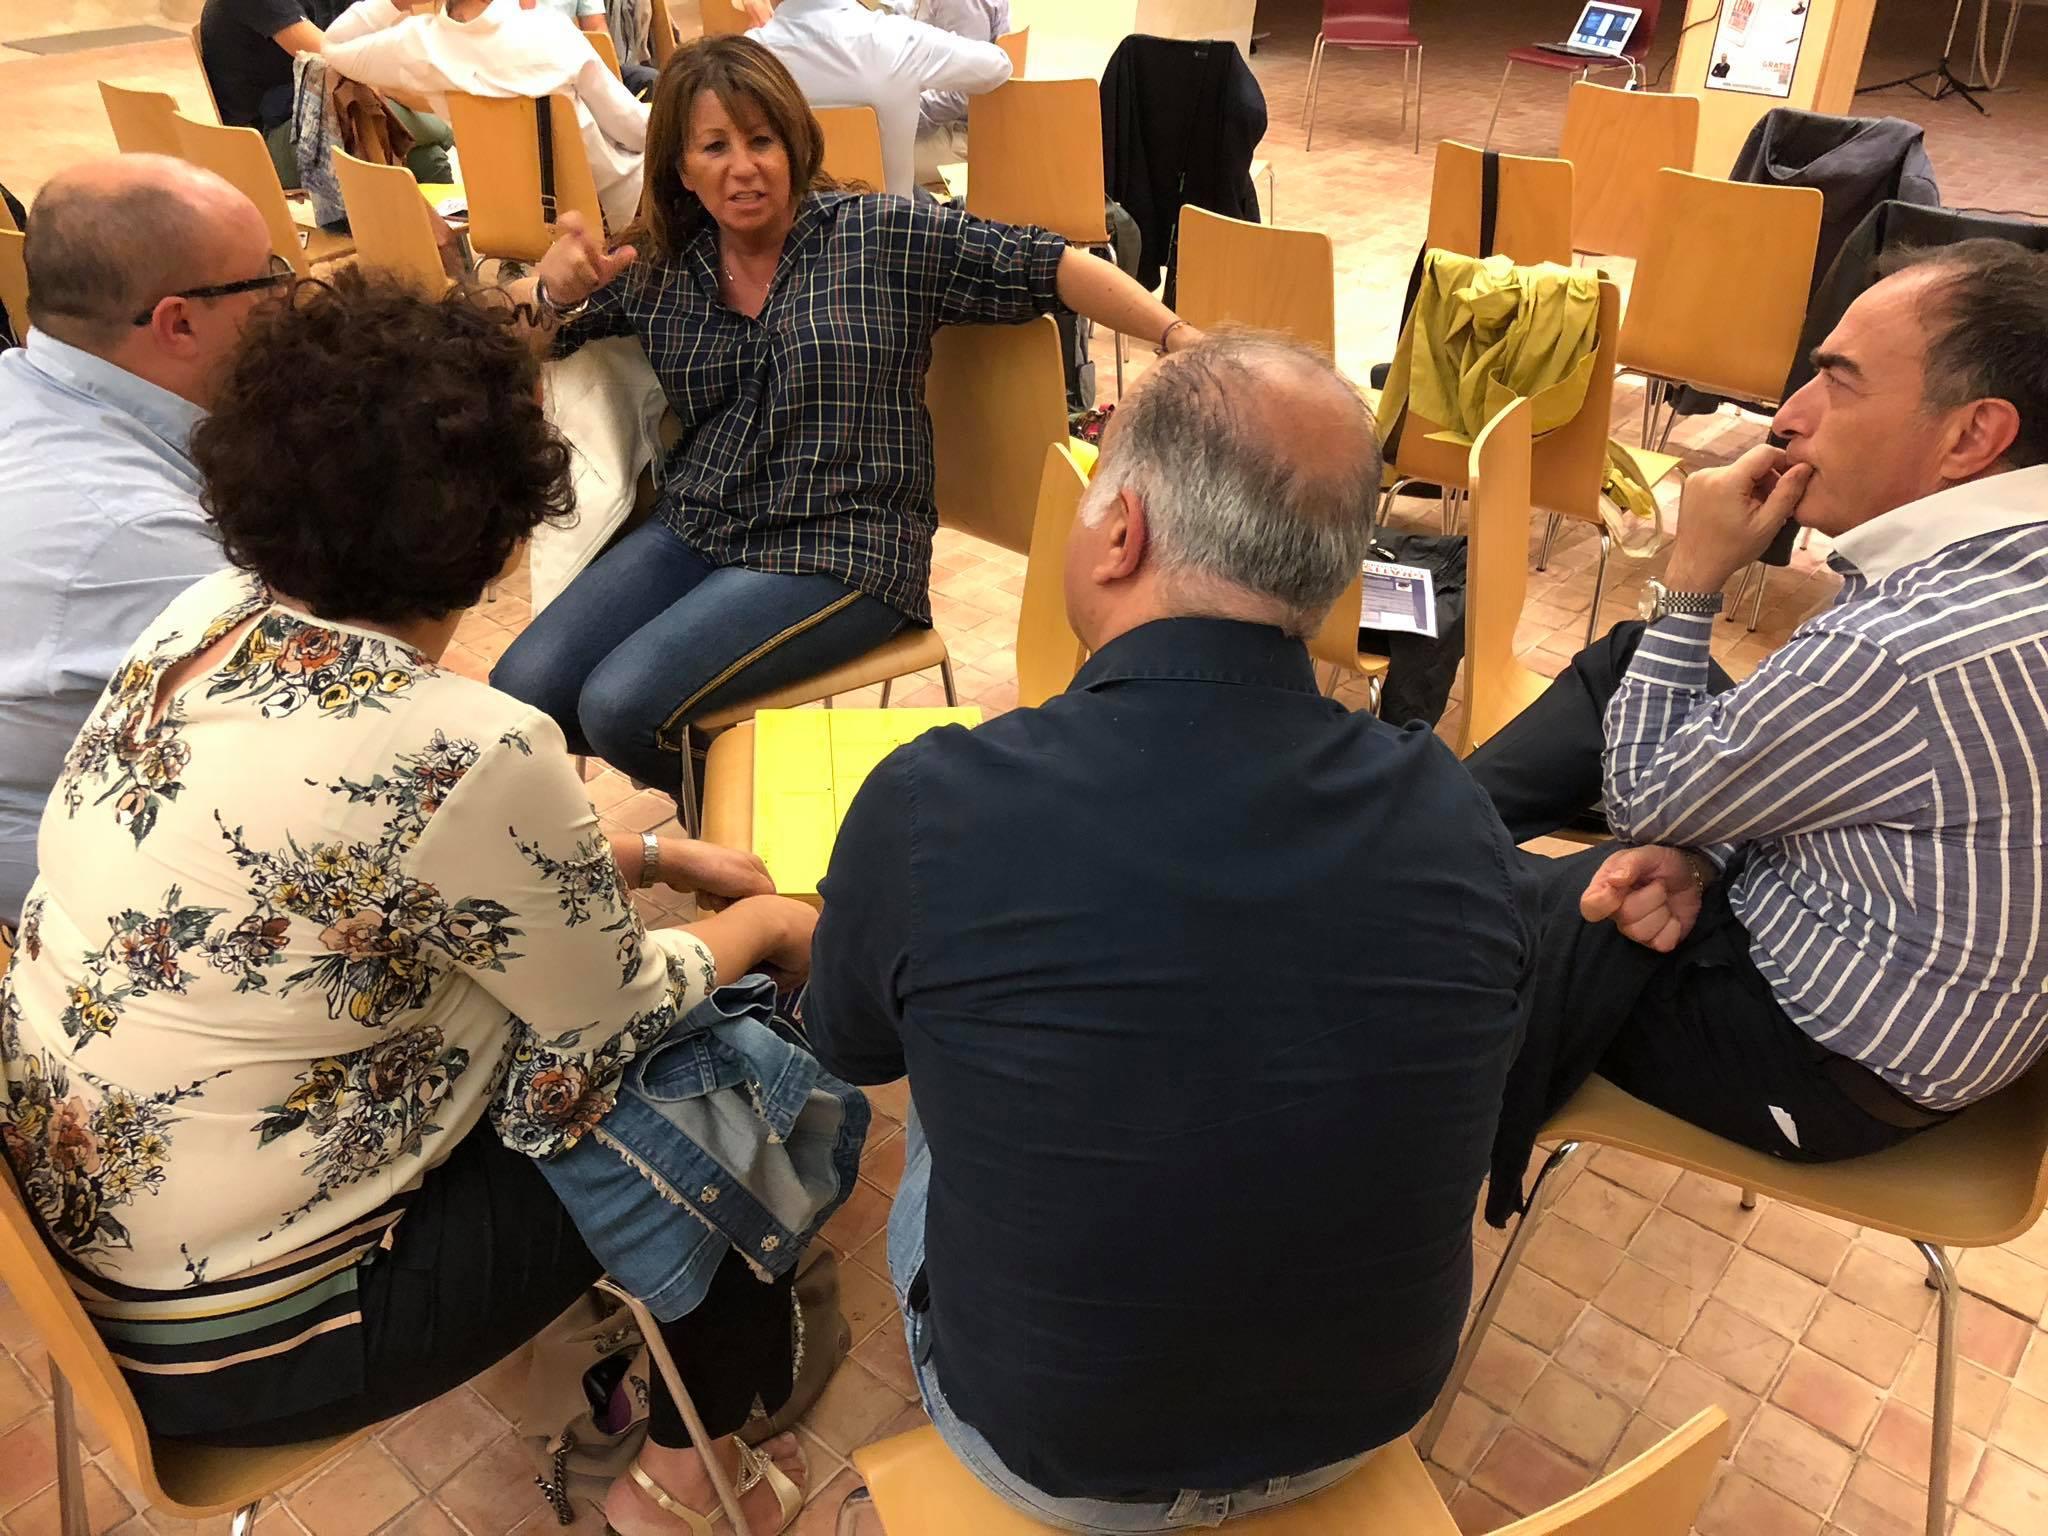 workshop presentazione libro lean marketing sales officinae-agenzia-lean-digital-marketing-management-comunicazione-school-scuola-formazione-matera-basilicata-milano 6